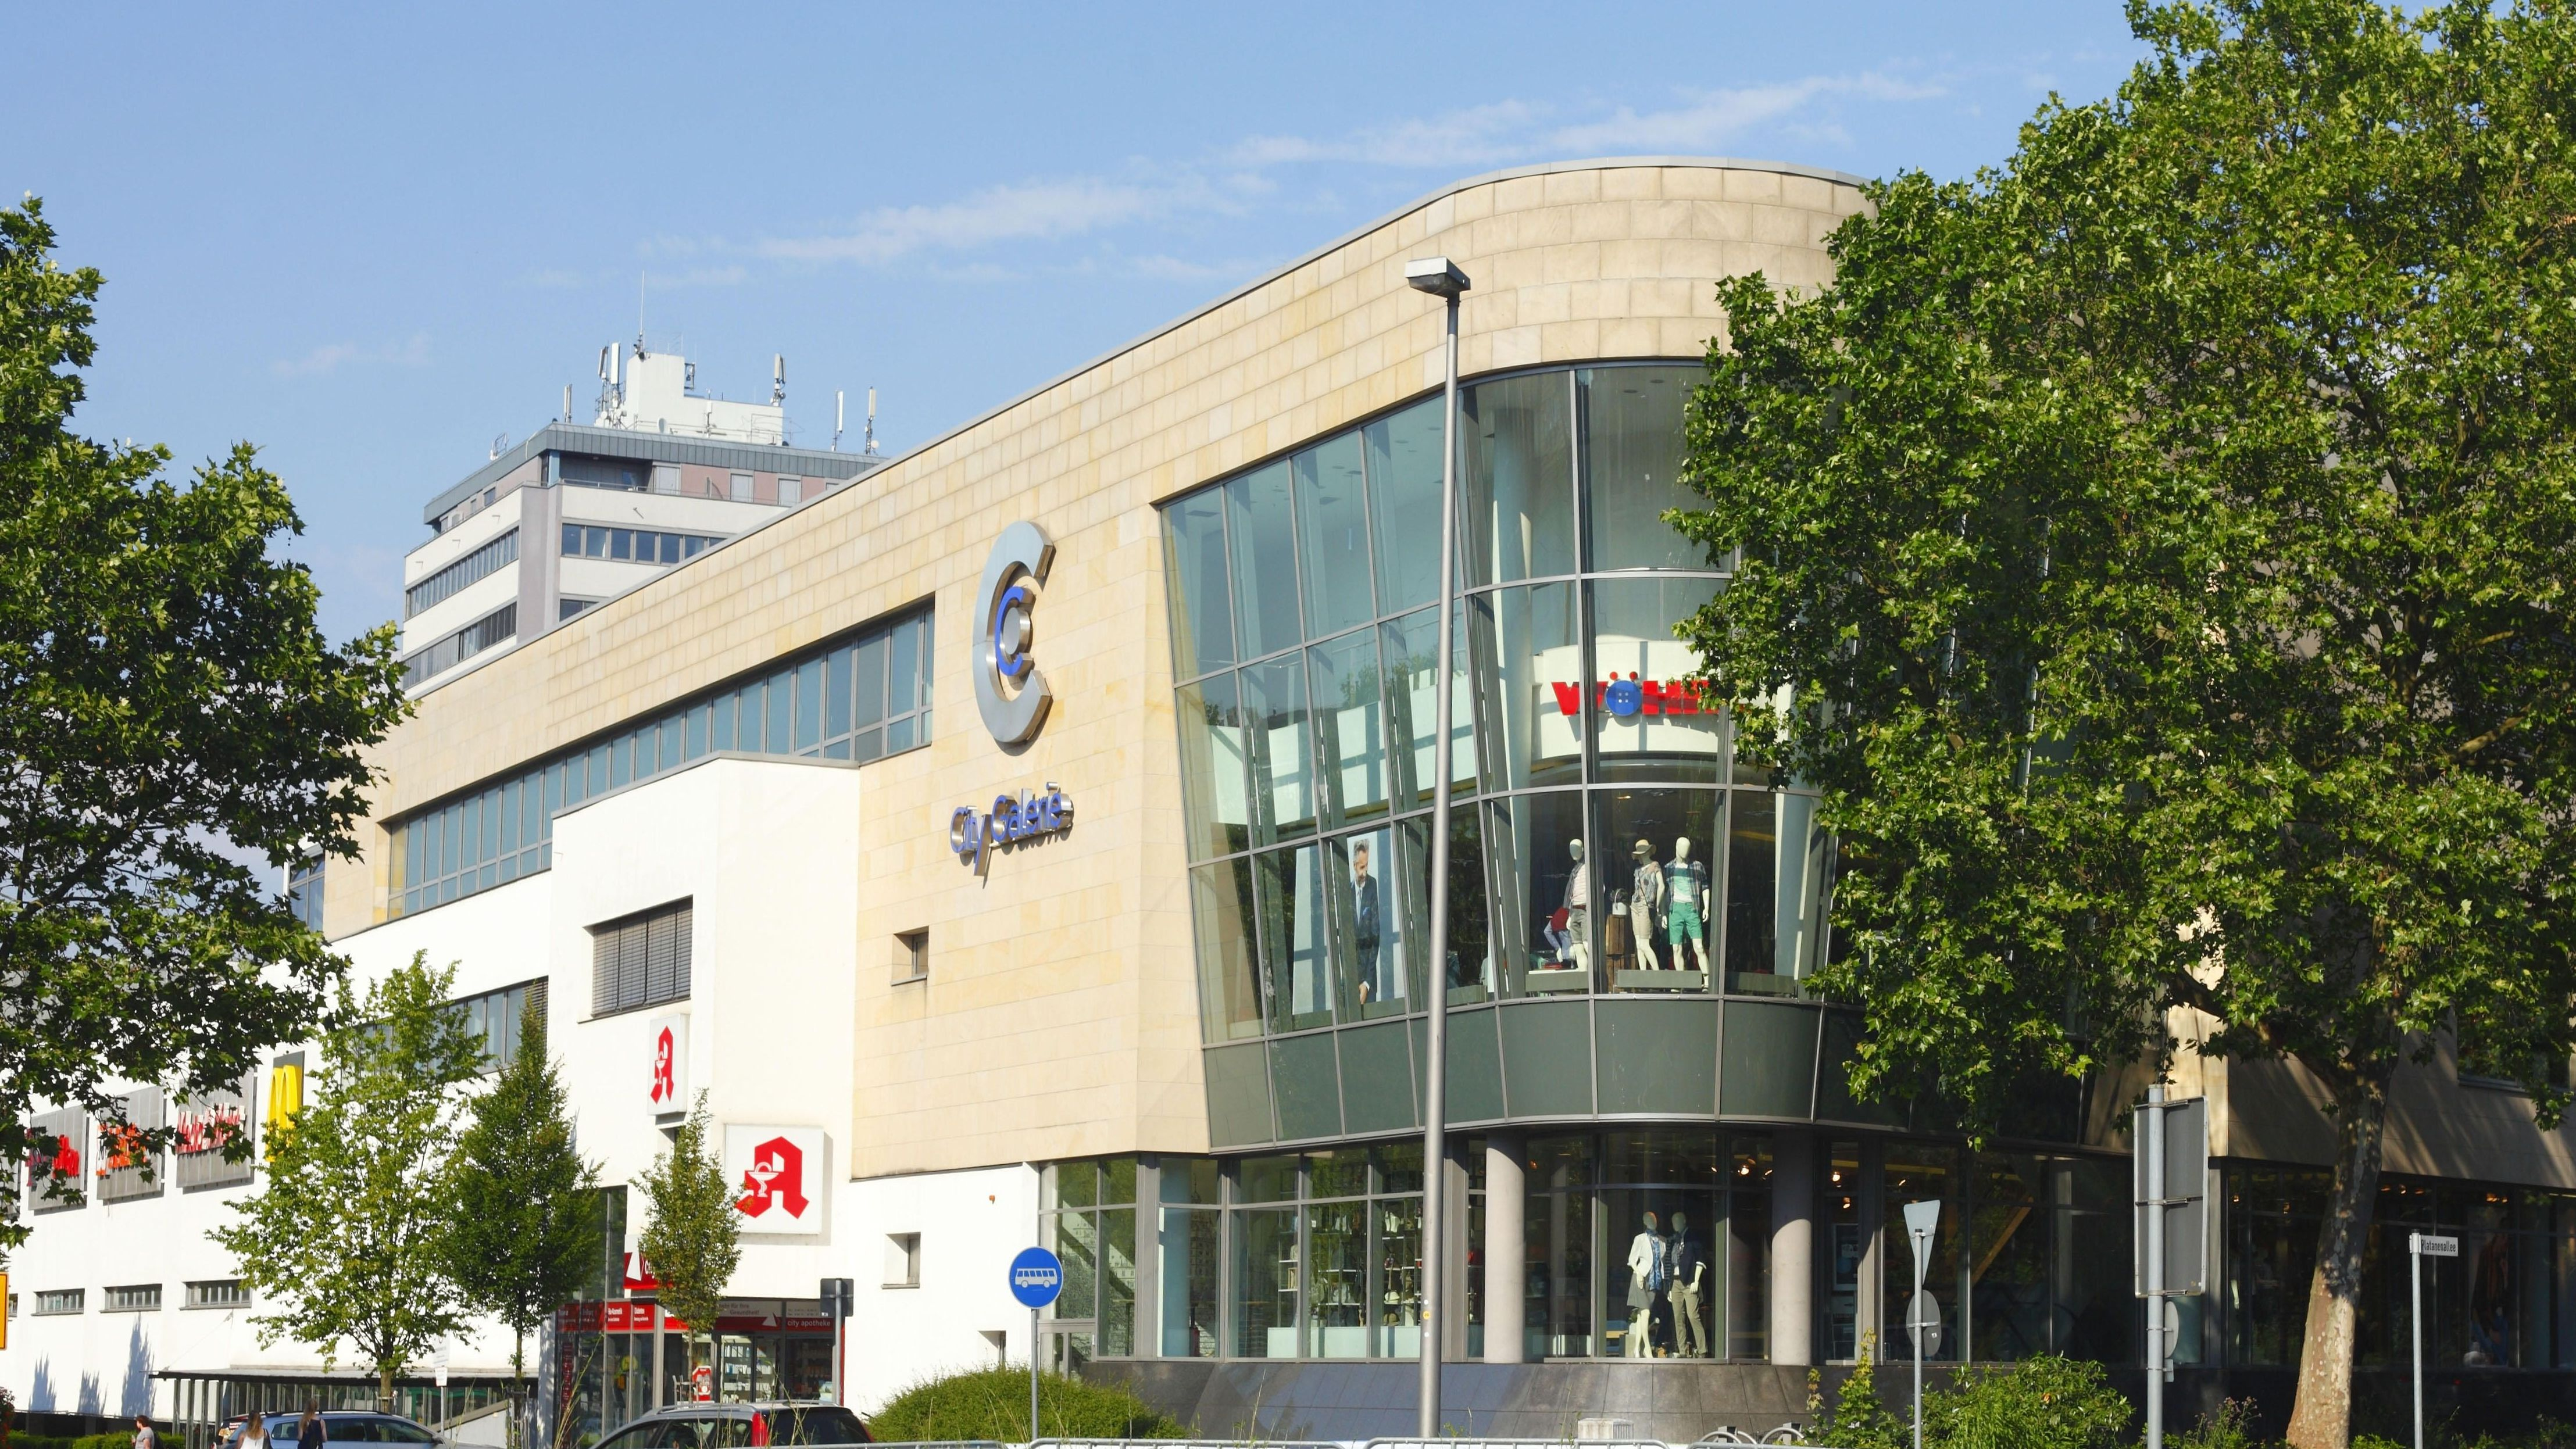 City-Galerie Aschaffenburg